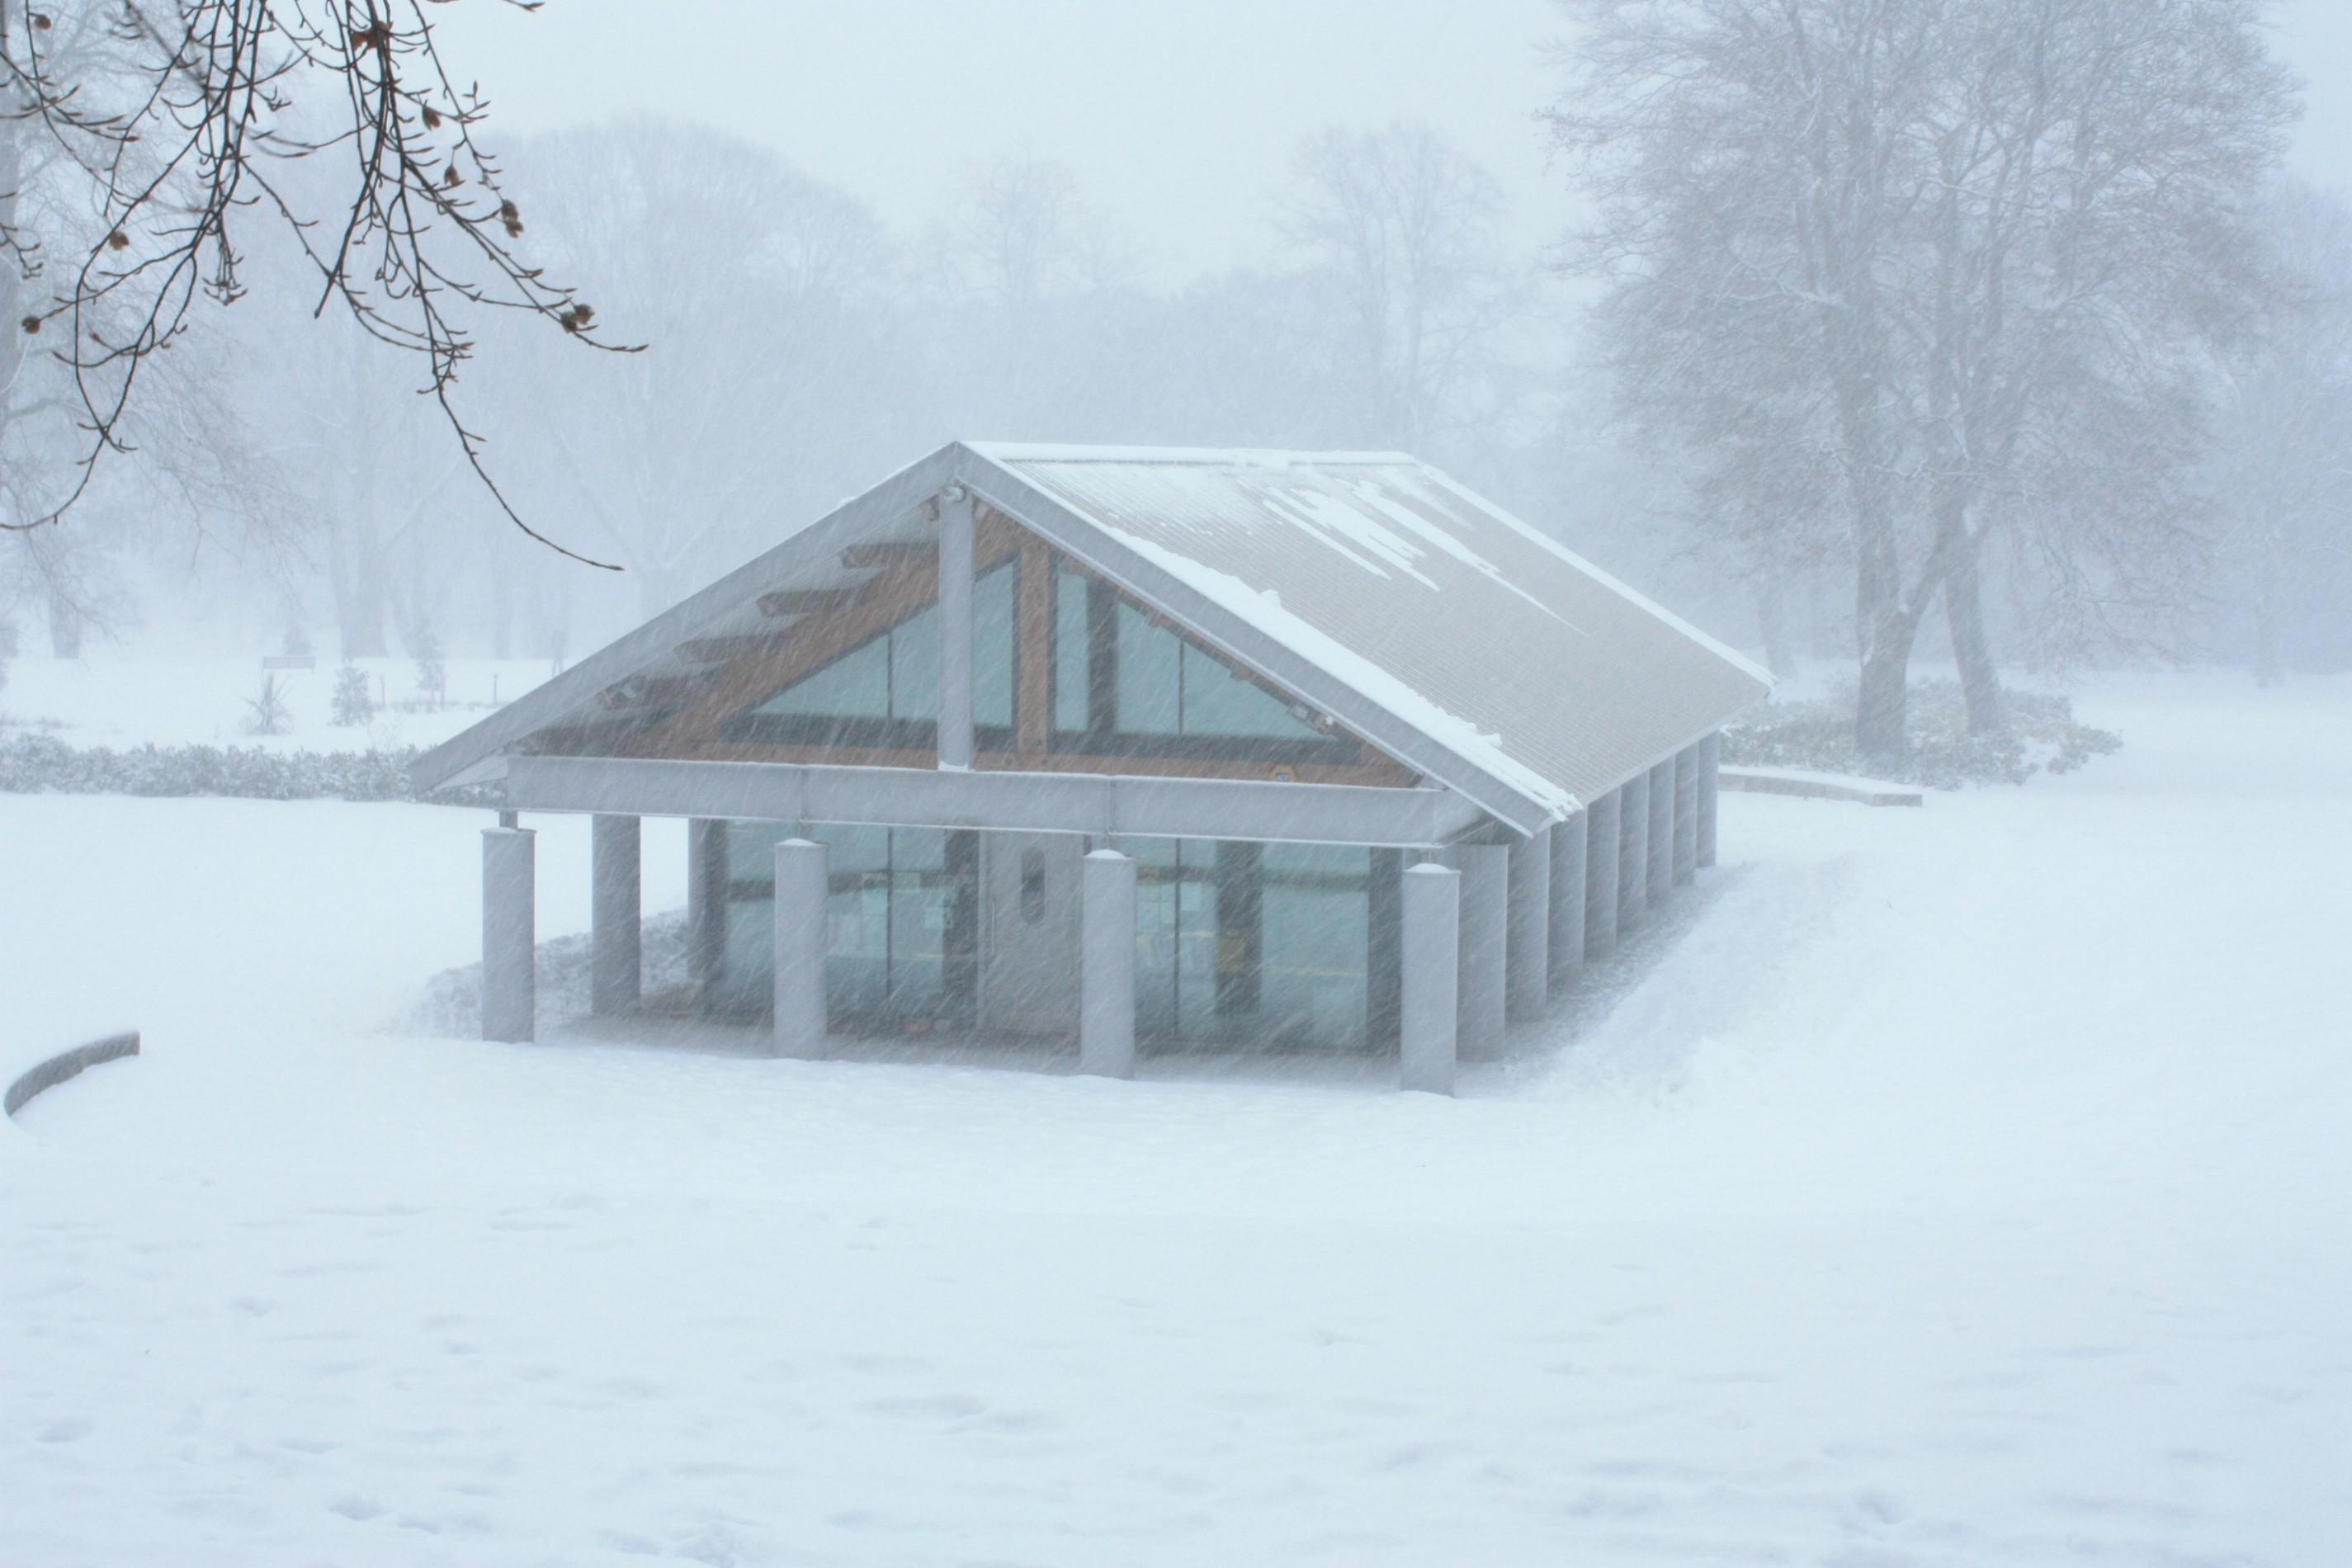 przeglad-dachu-przed-zima